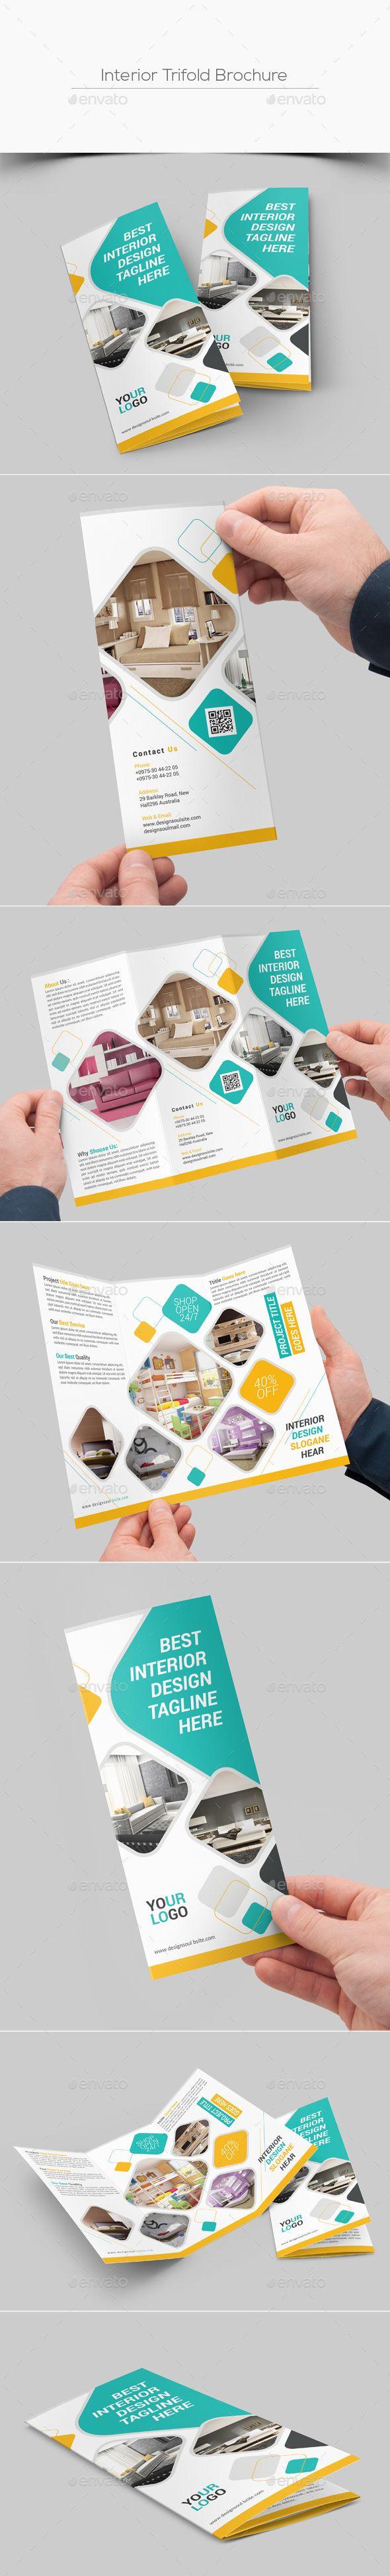 Interior Trifold Brochure   Tríptico, Folletos y Diseño editorial